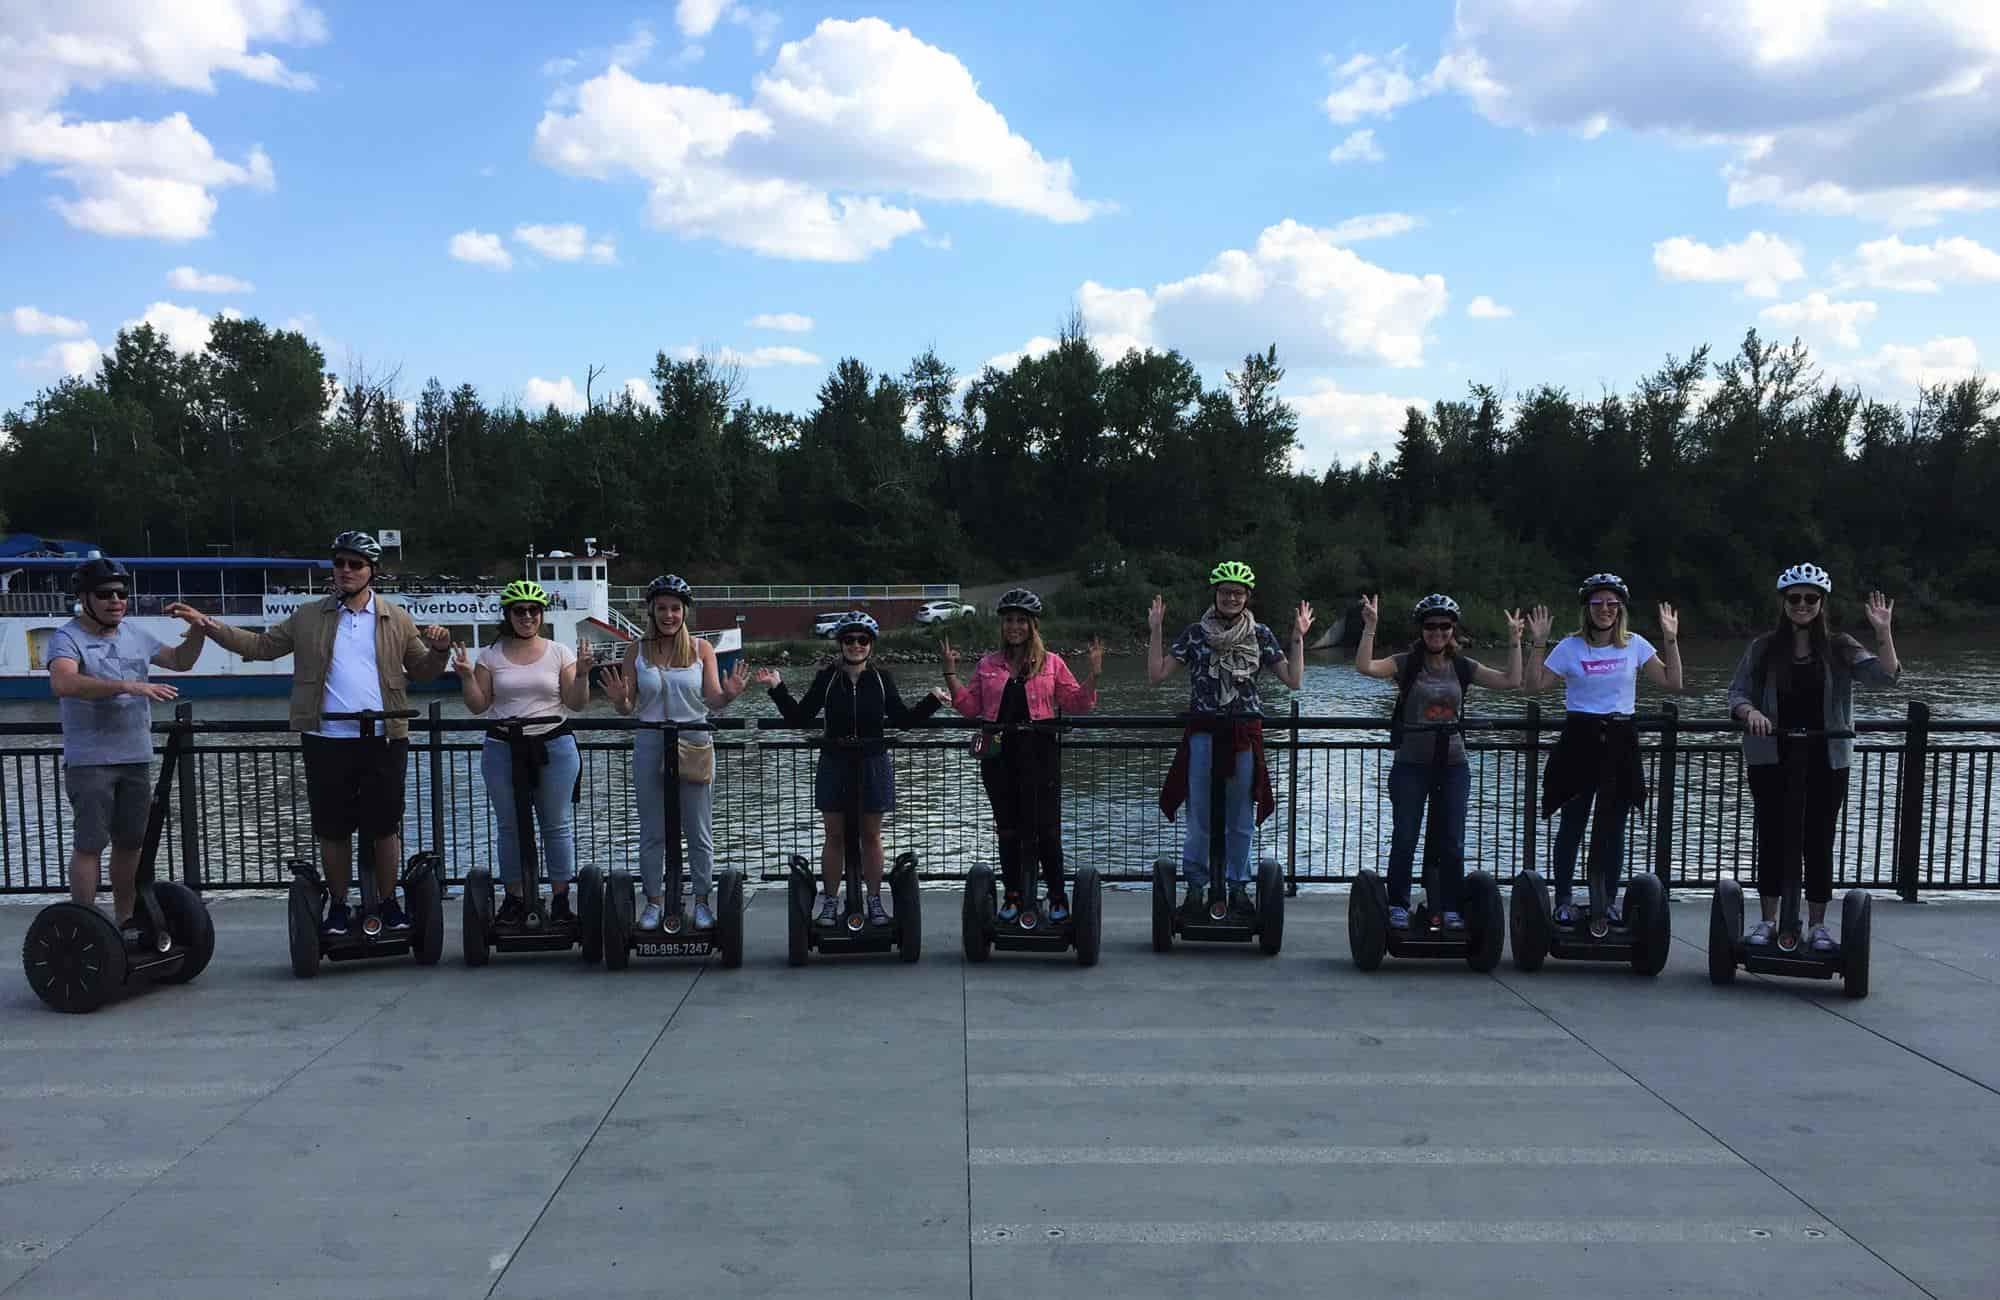 Voyage au Canada - Balade en Segway - Amplitudes